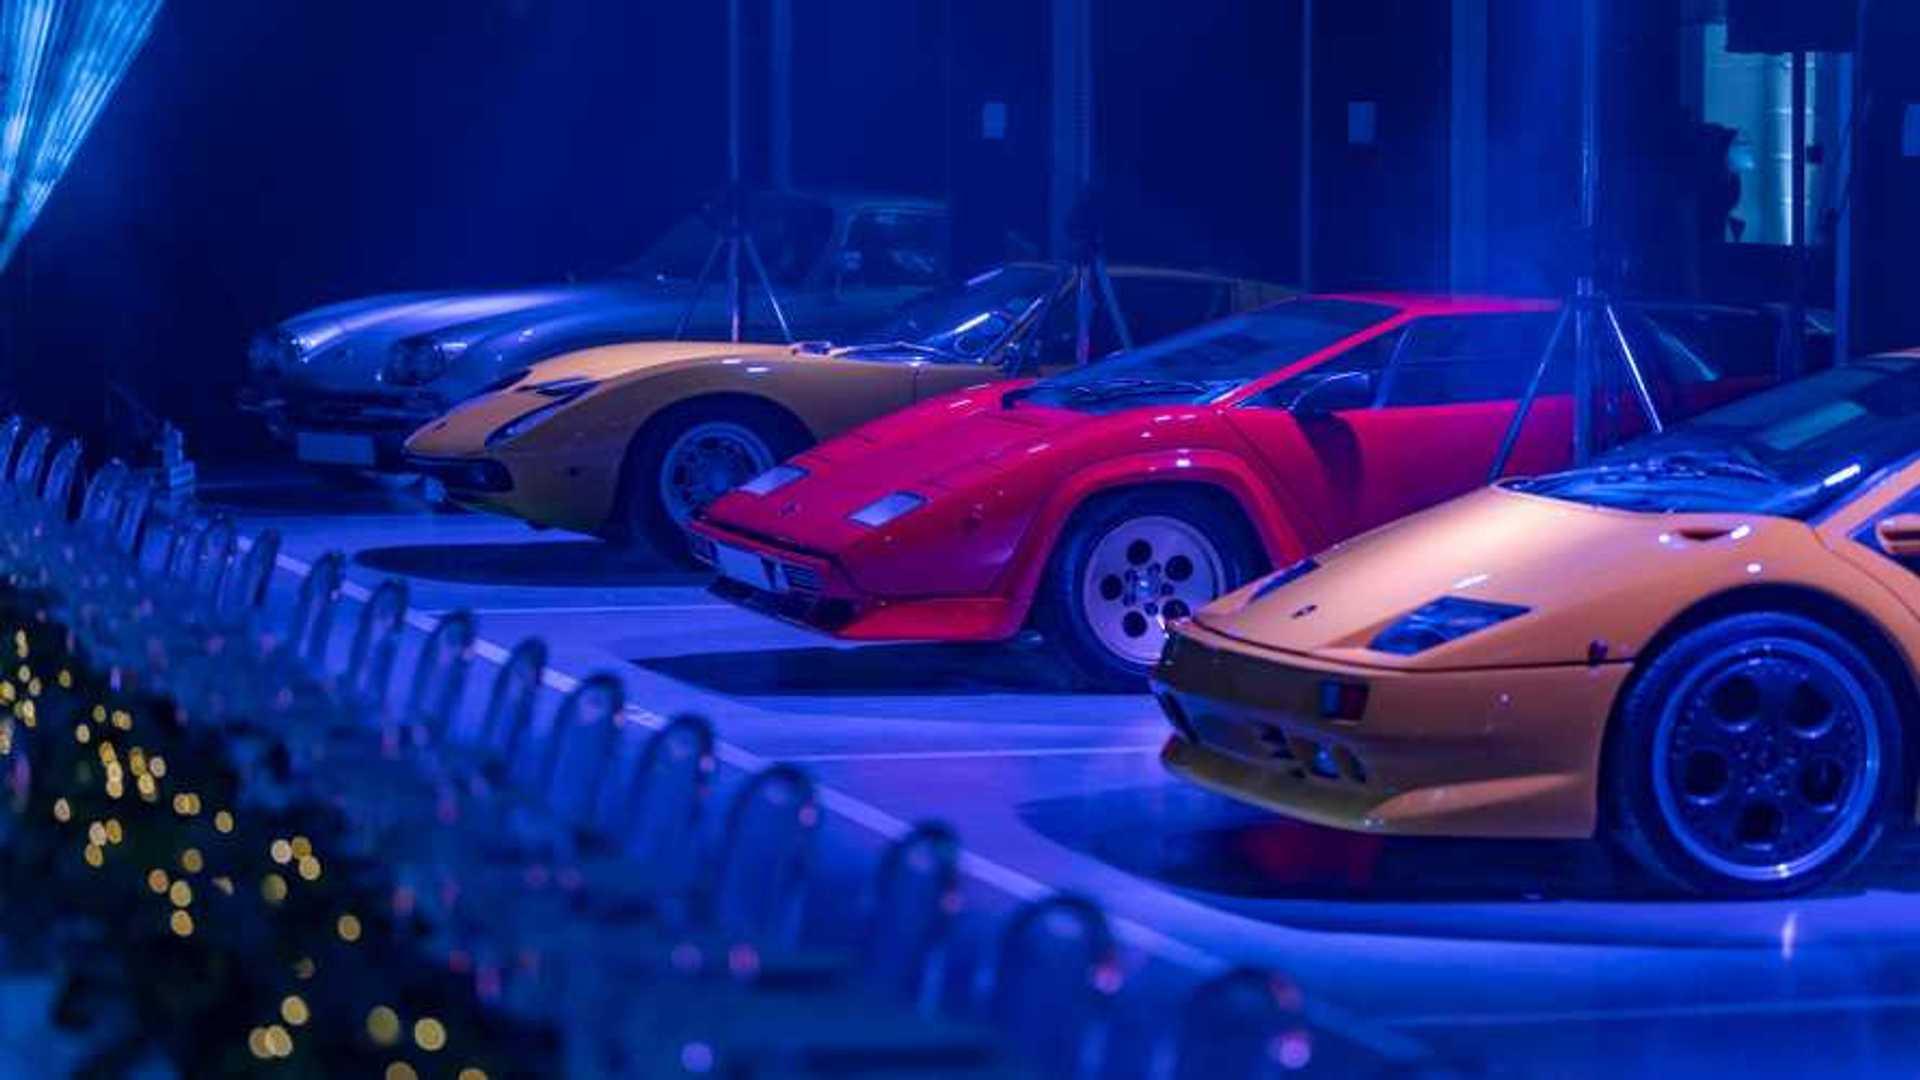 Lamborghini London hosts unique dinner party